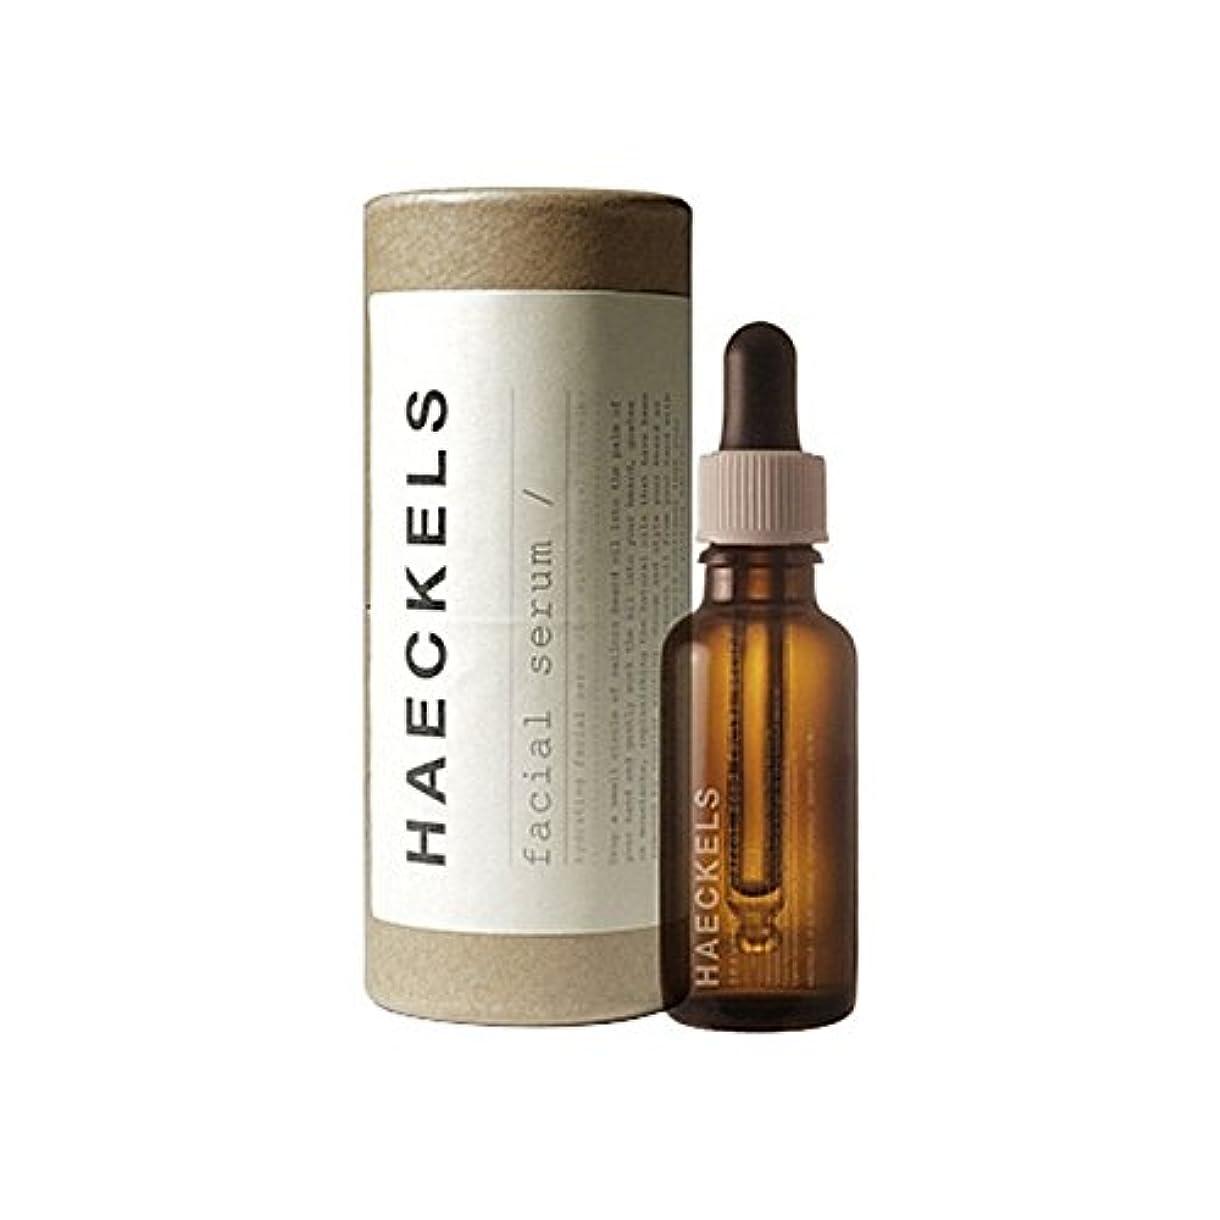 心配密接に天井海藻やニンジン種子顔セラム30を x2 - Haeckels Seaweed And Carrot Seed Face Serum 30Ml (Pack of 2) [並行輸入品]